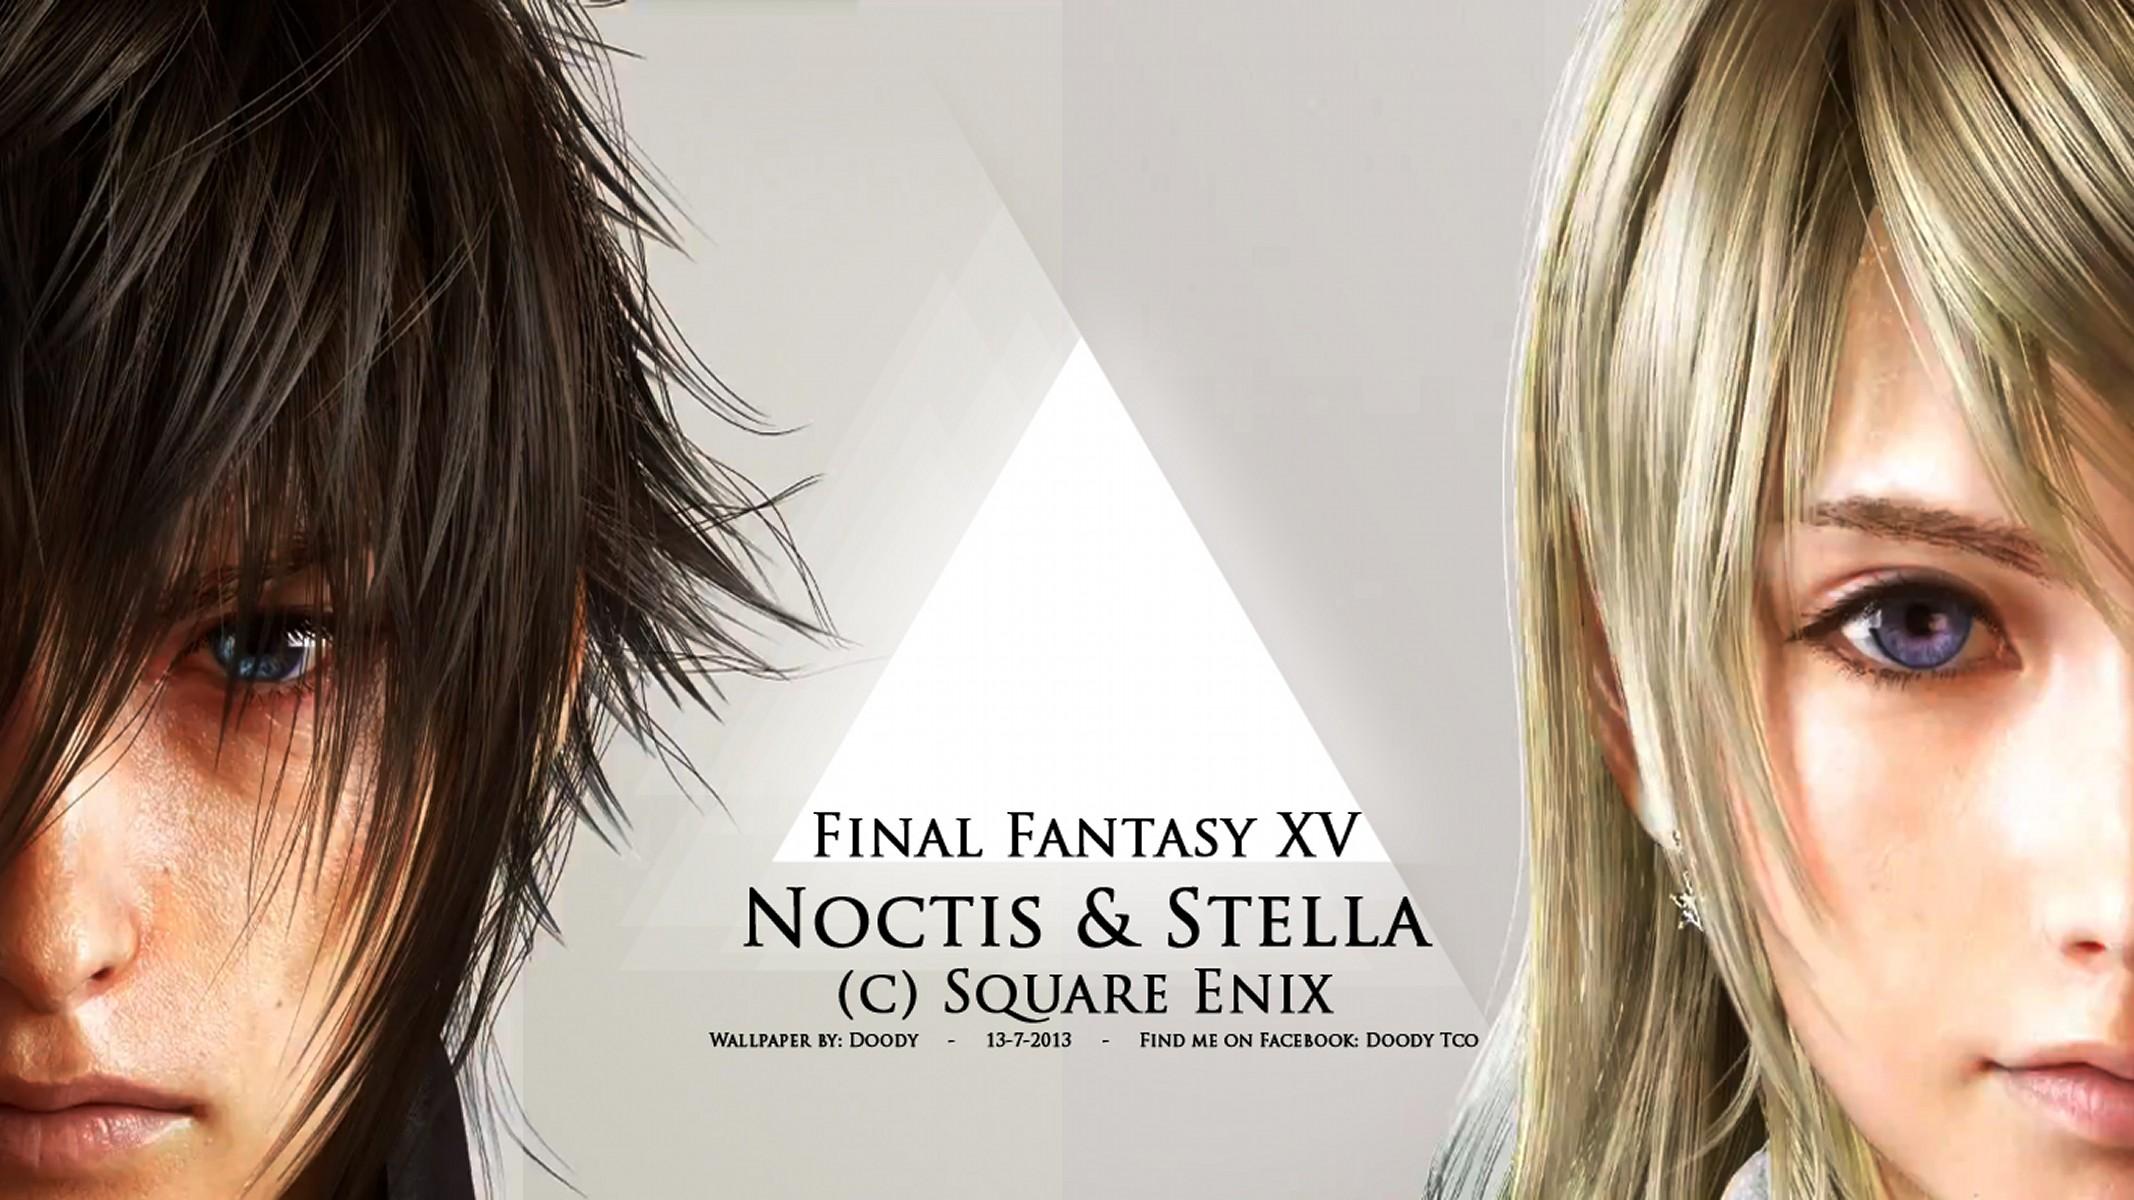 Download Free Final Fantasy Wallpapers 15 Beautiful: WallpaperSafari